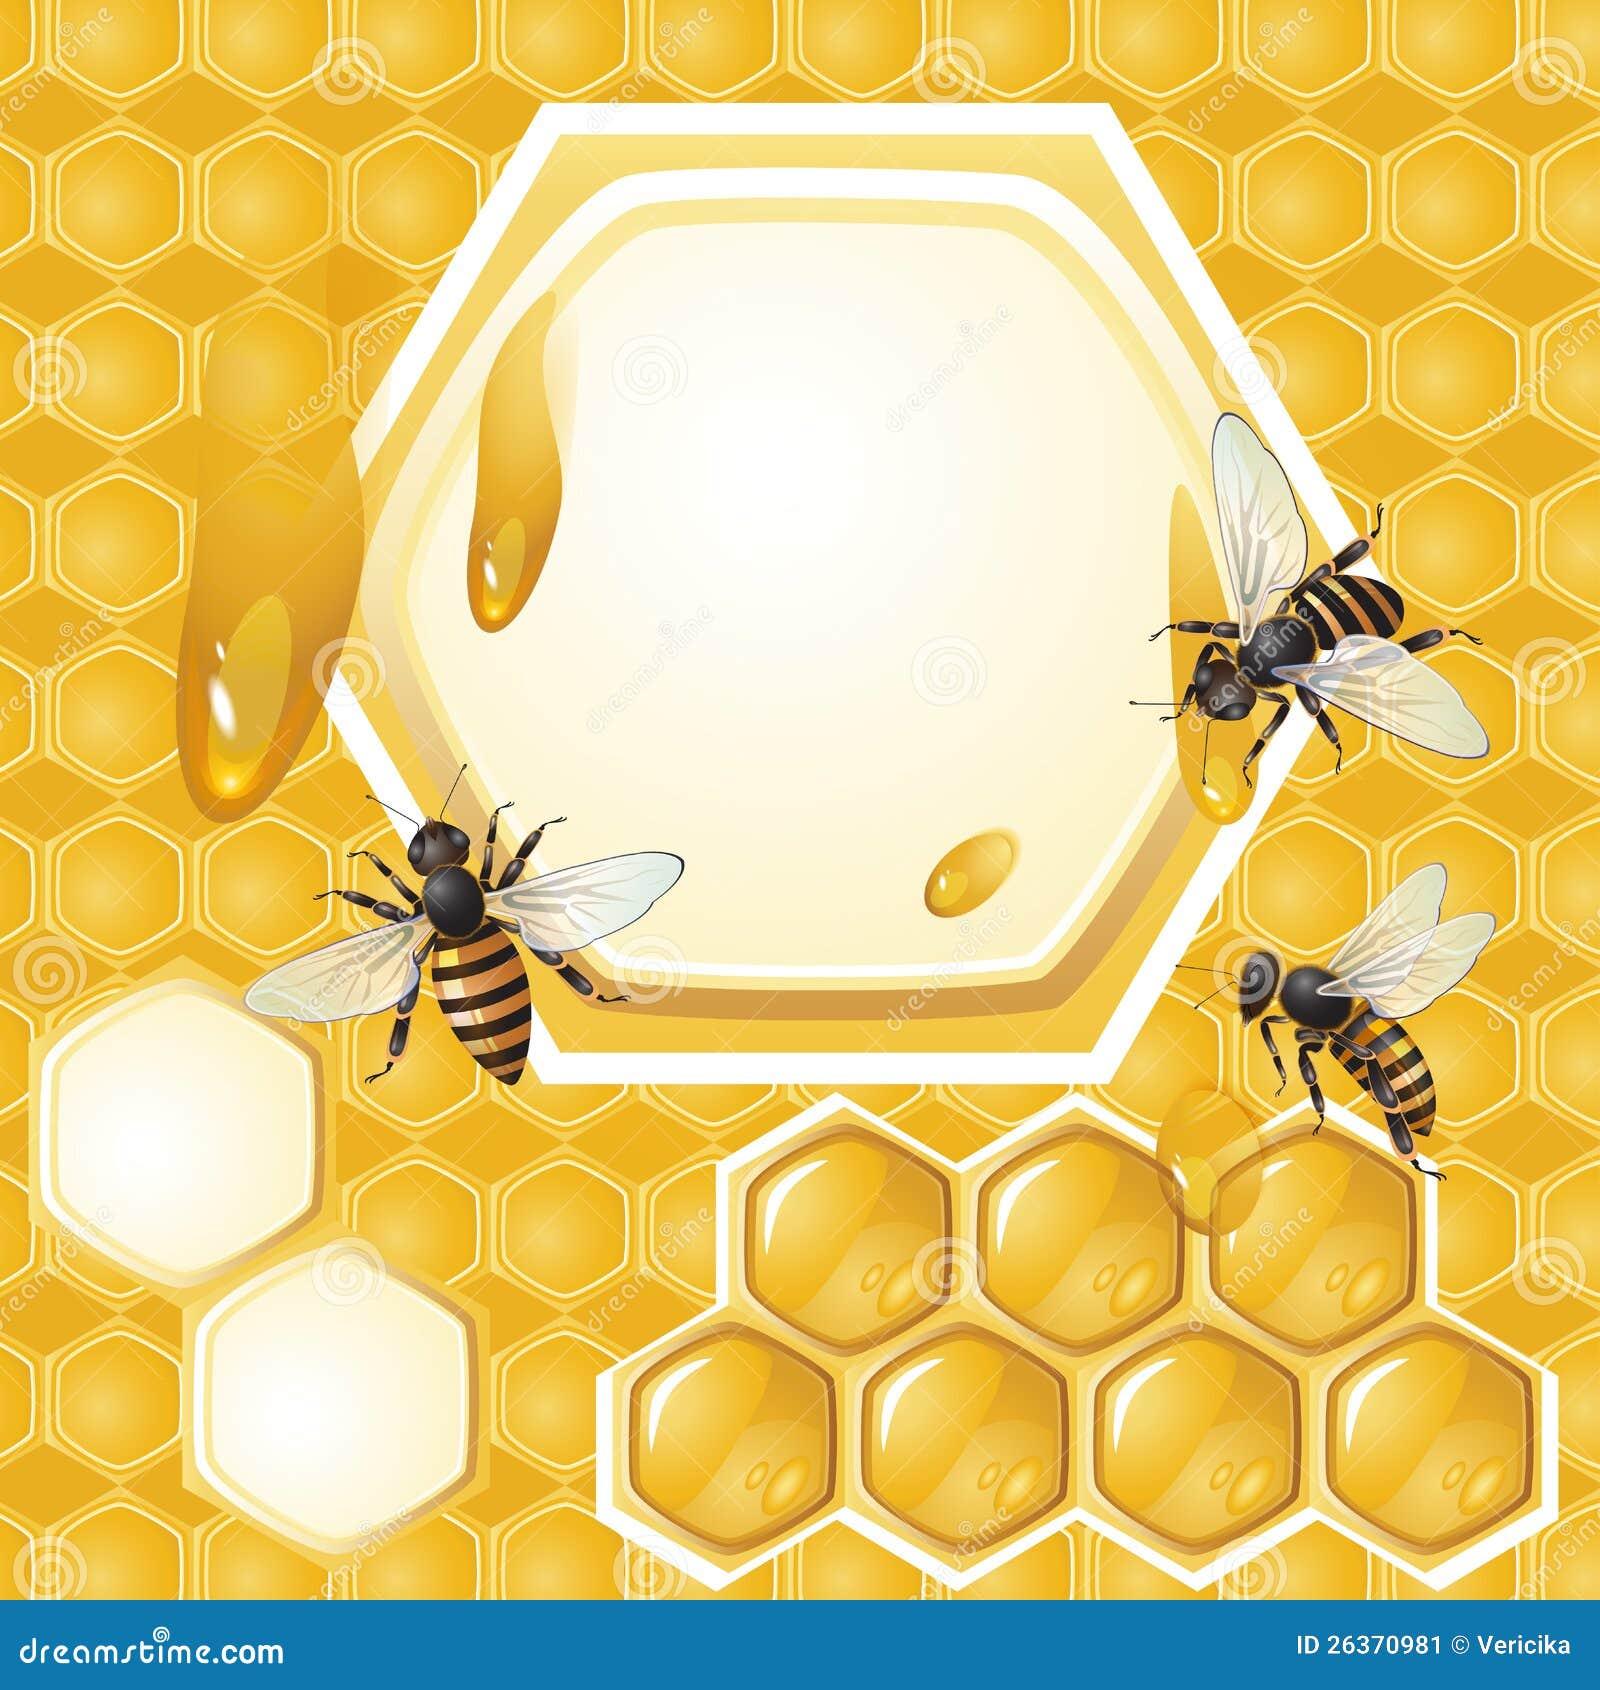 Hintergrund mit Bienen und Bienenwabe